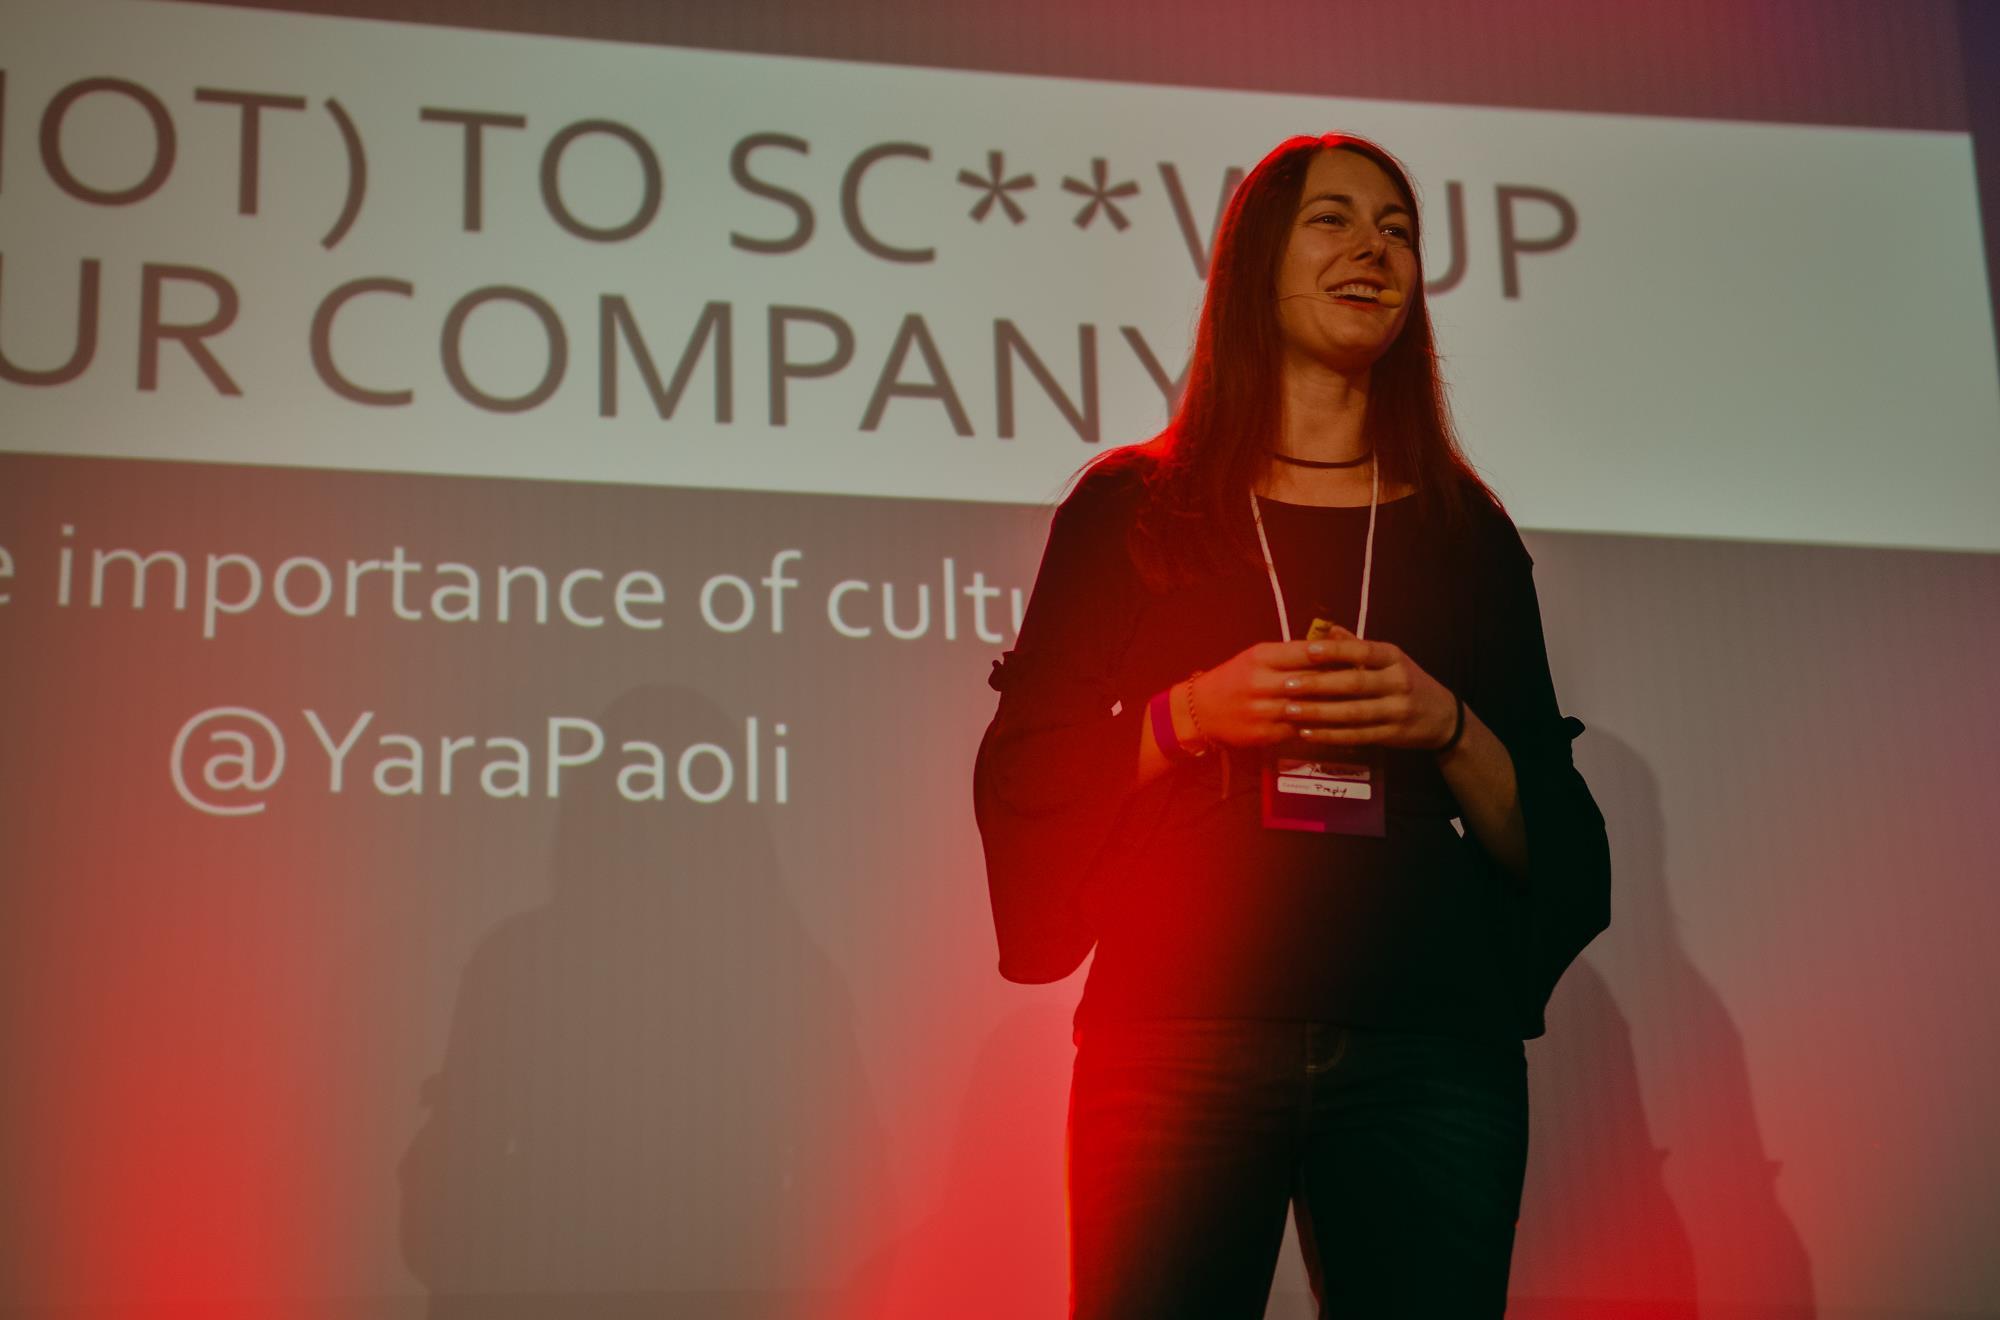 Как добиться устойчивого роста компании: опыт VP of Growth в Skyscanner